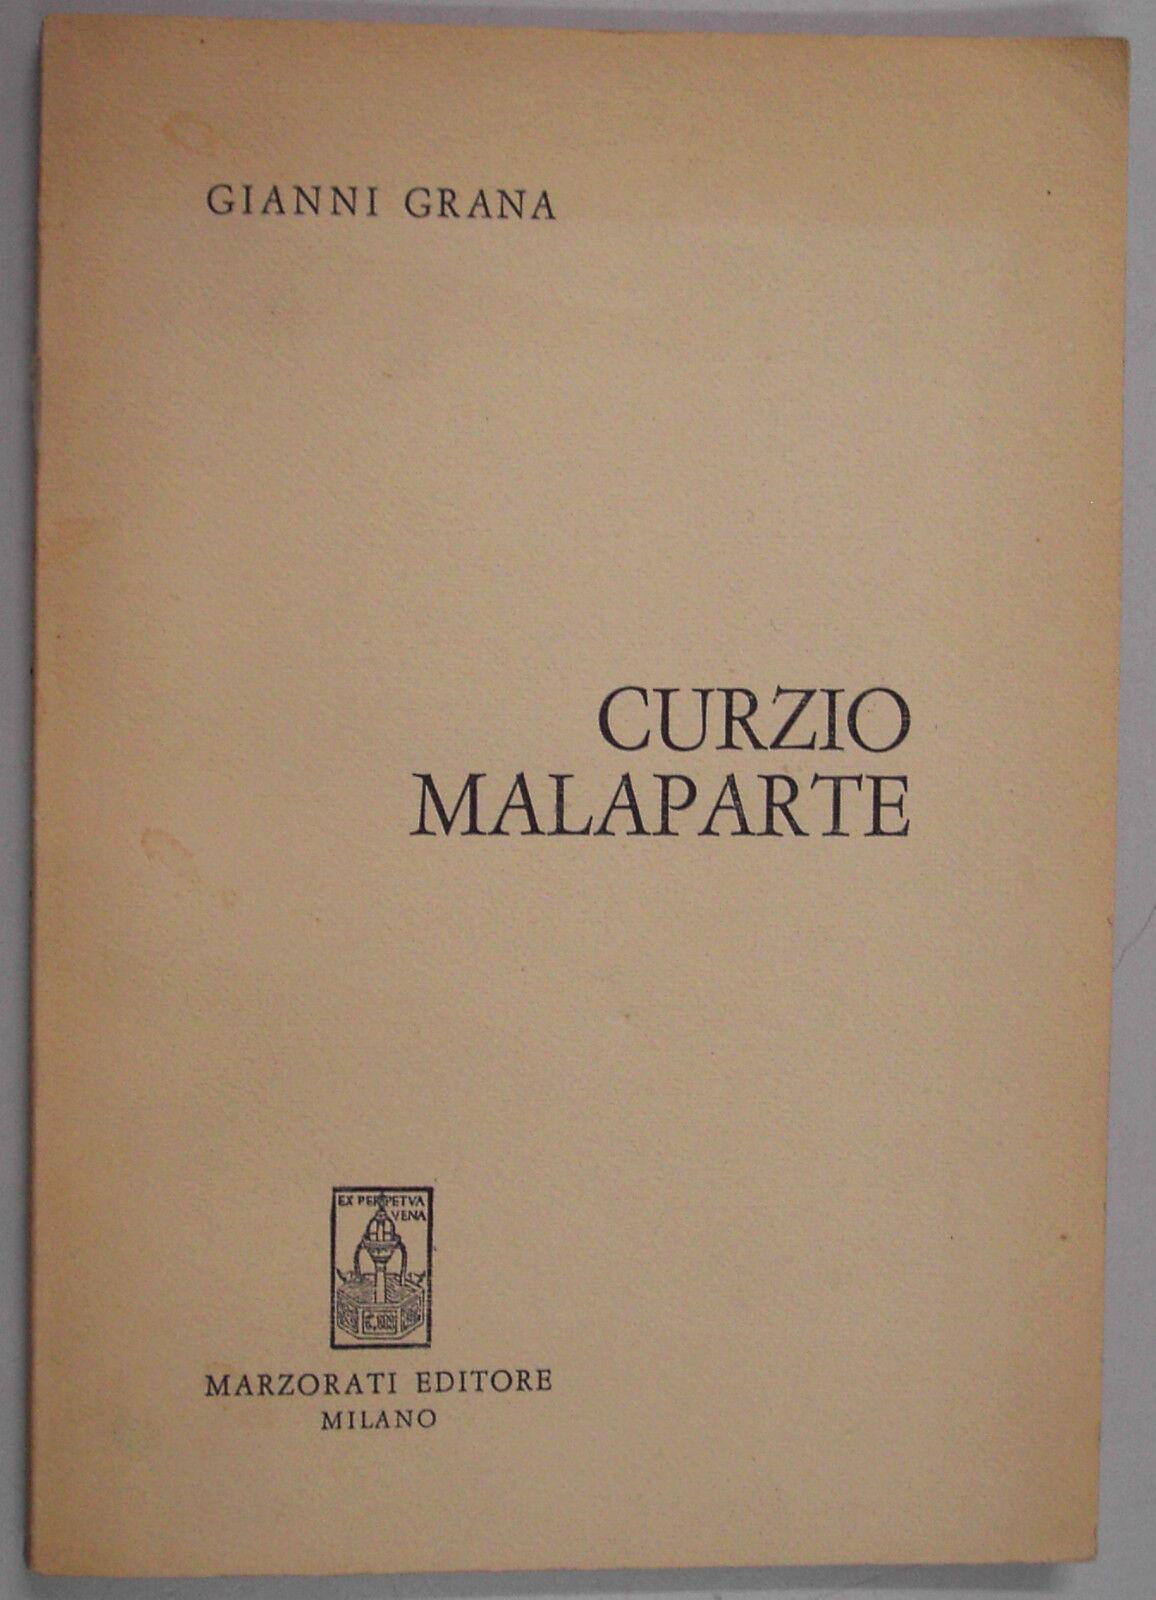 Da qui. Rivista di letteratura, arte e società fra le regioni e le culture mediterranee. N.5 giugno 1999